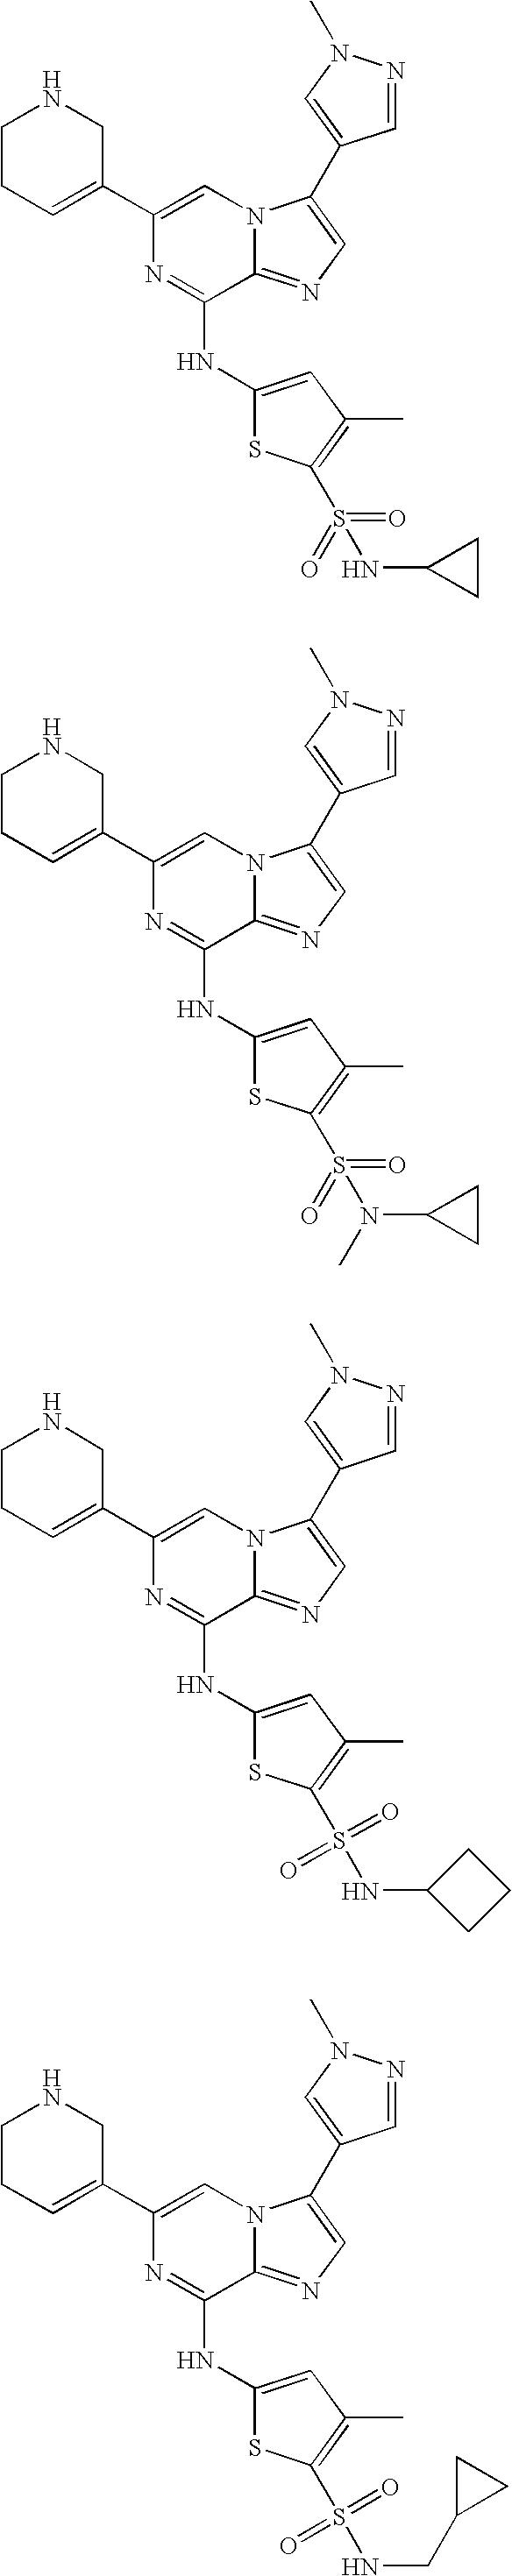 Figure US20070117804A1-20070524-C00072